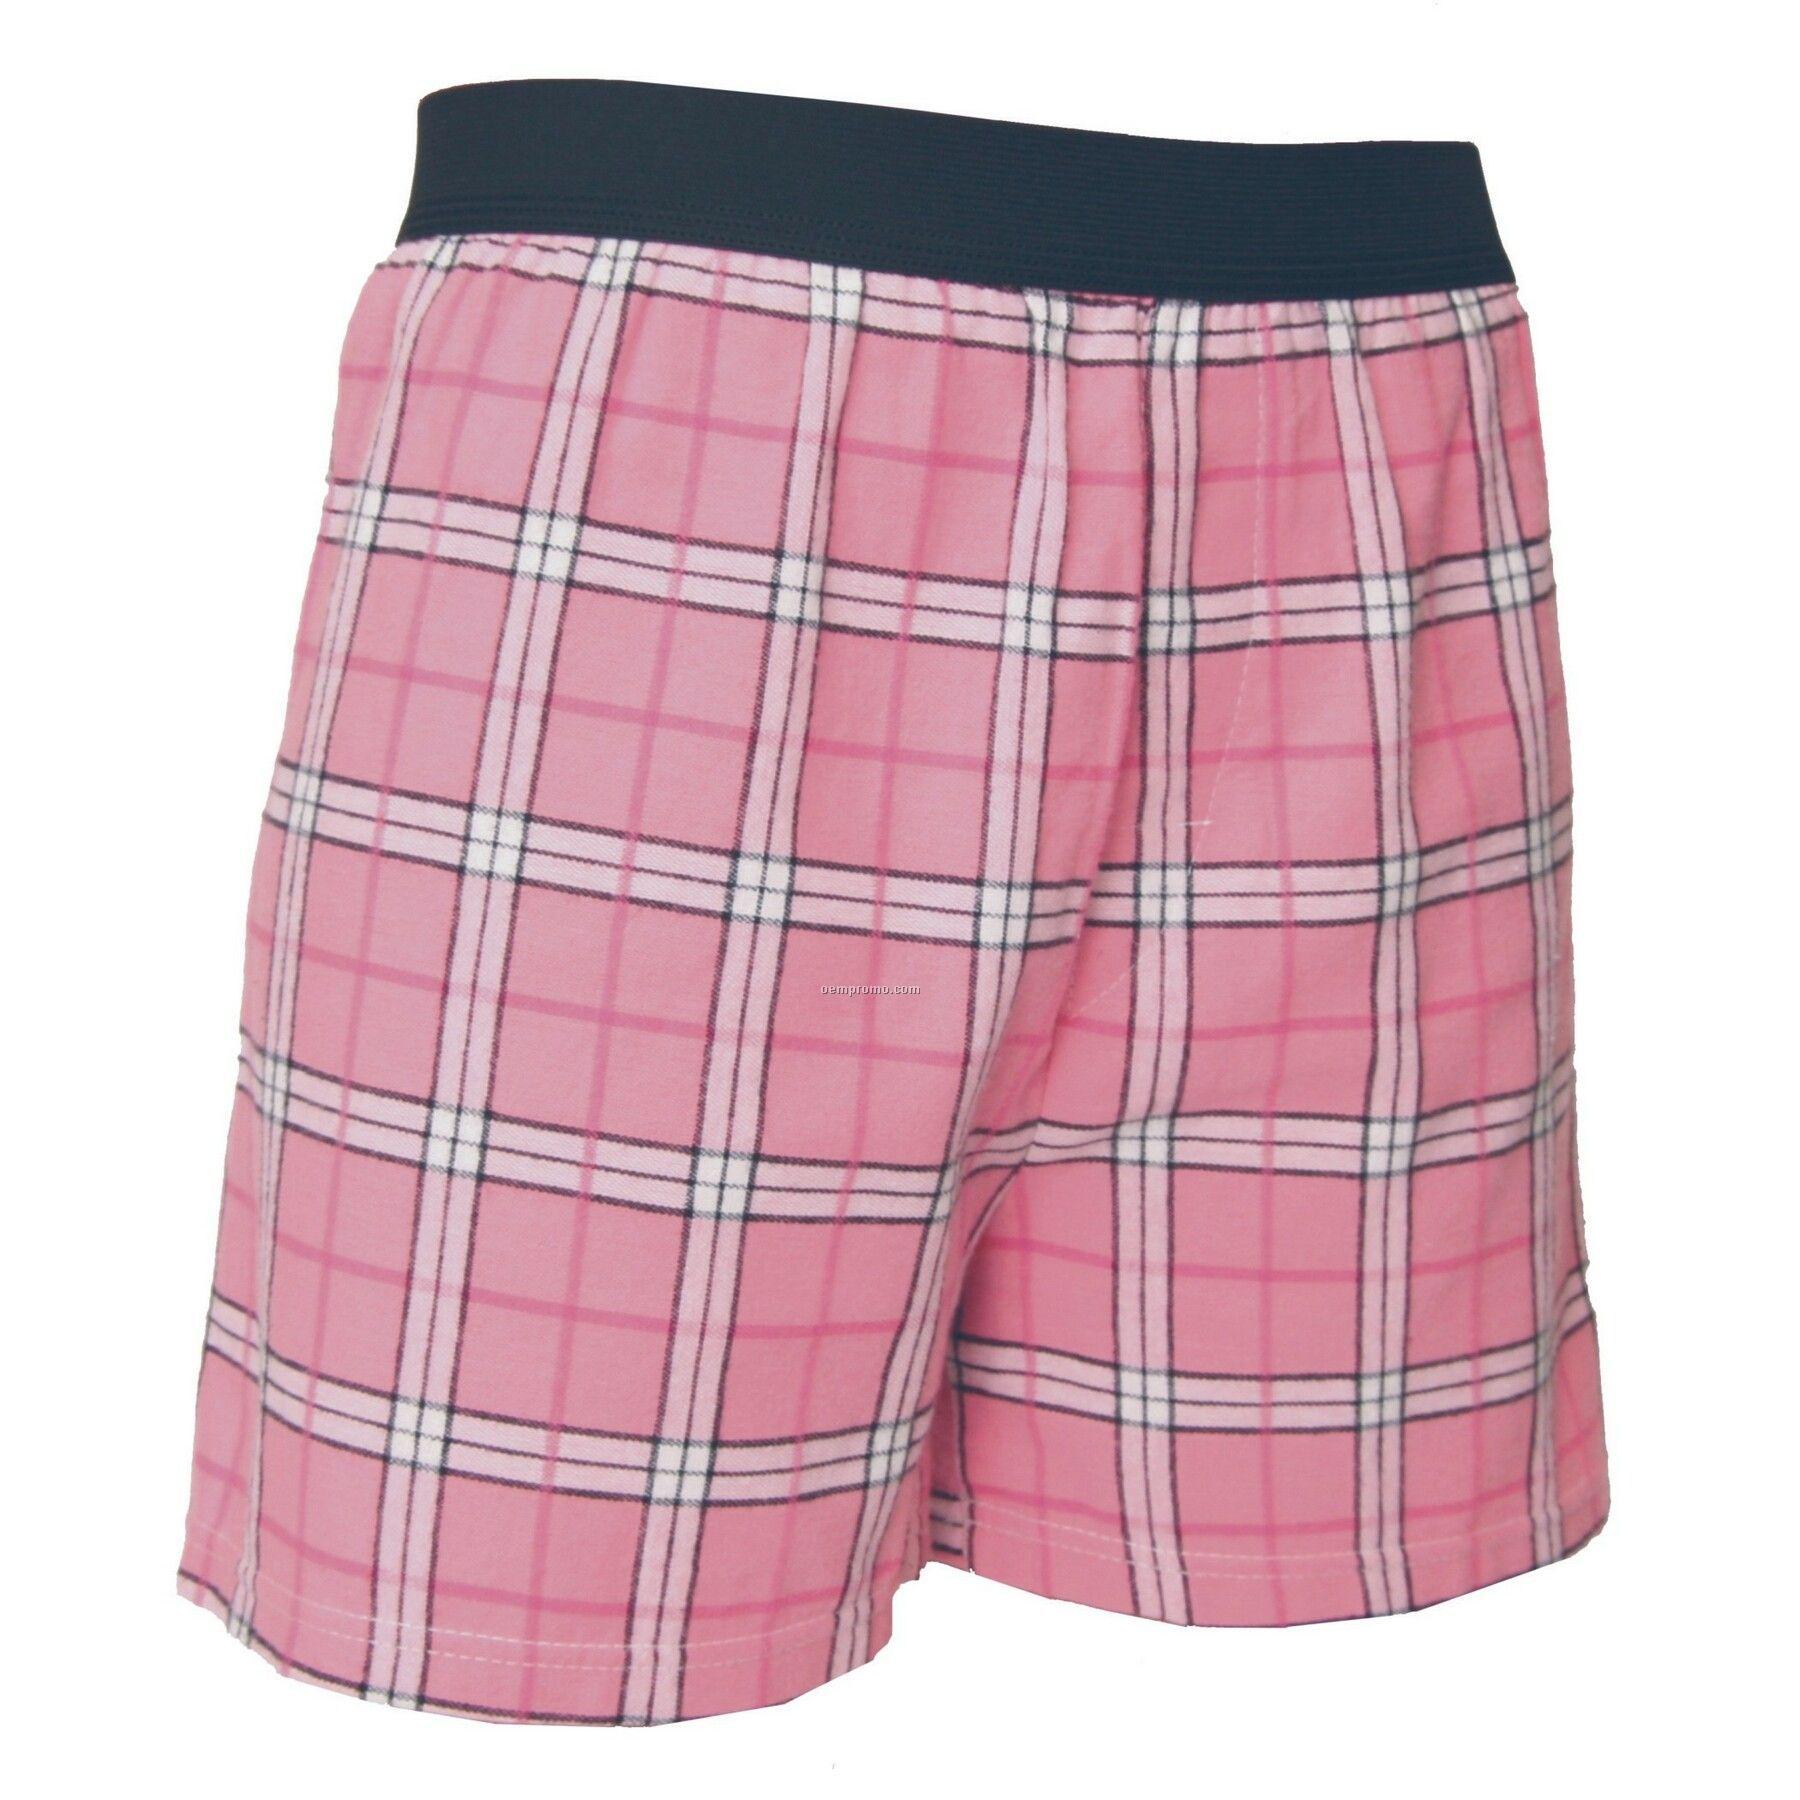 Adult Pink/Black Sparkle Plaid Classic Boxer Short